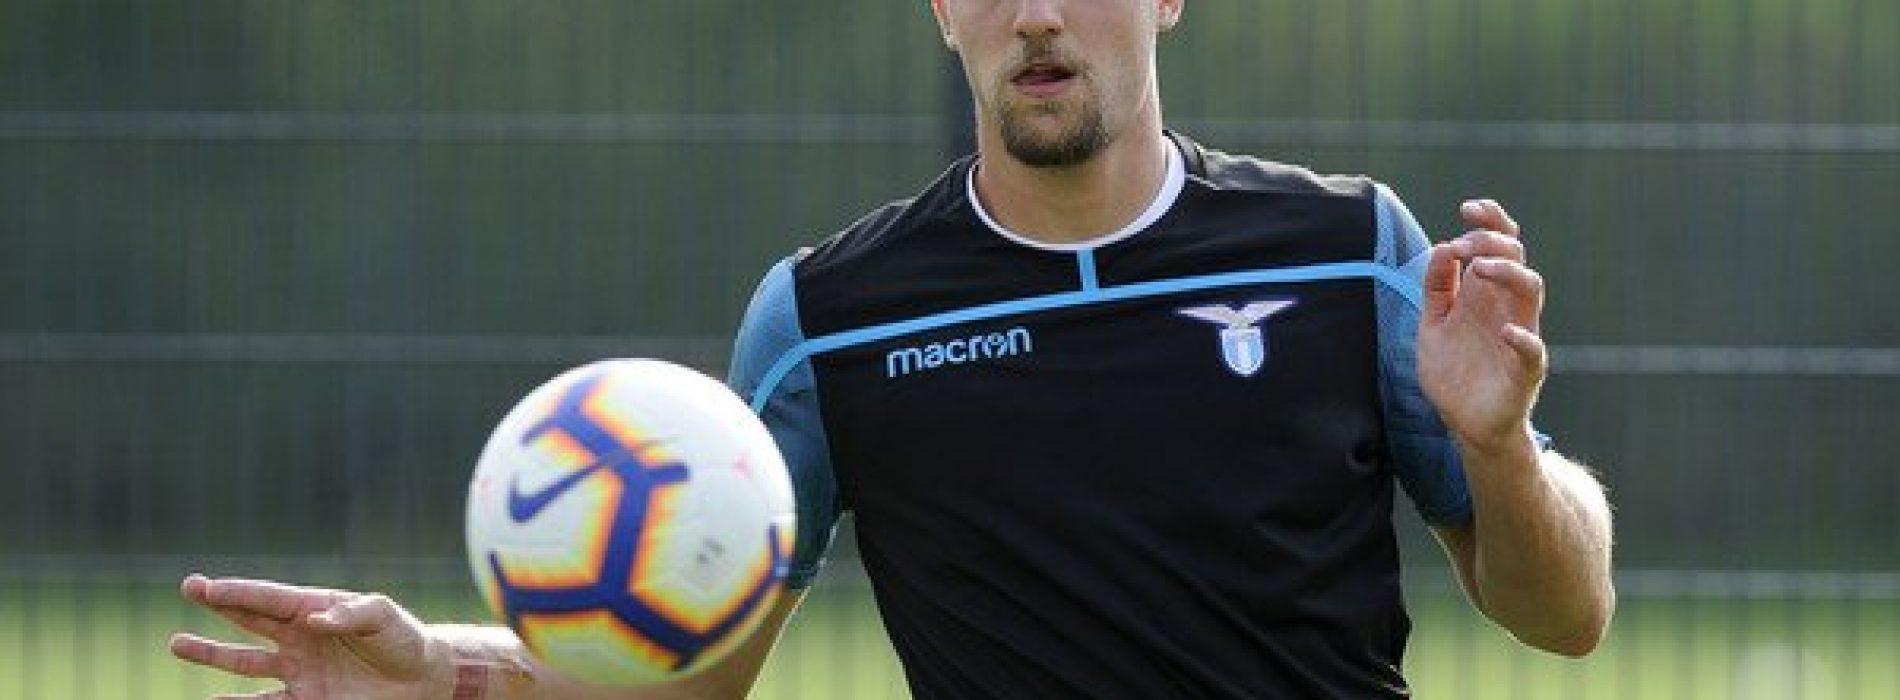 Milinkovic Savic United: c'è l'offerta, ma Lotito attende…